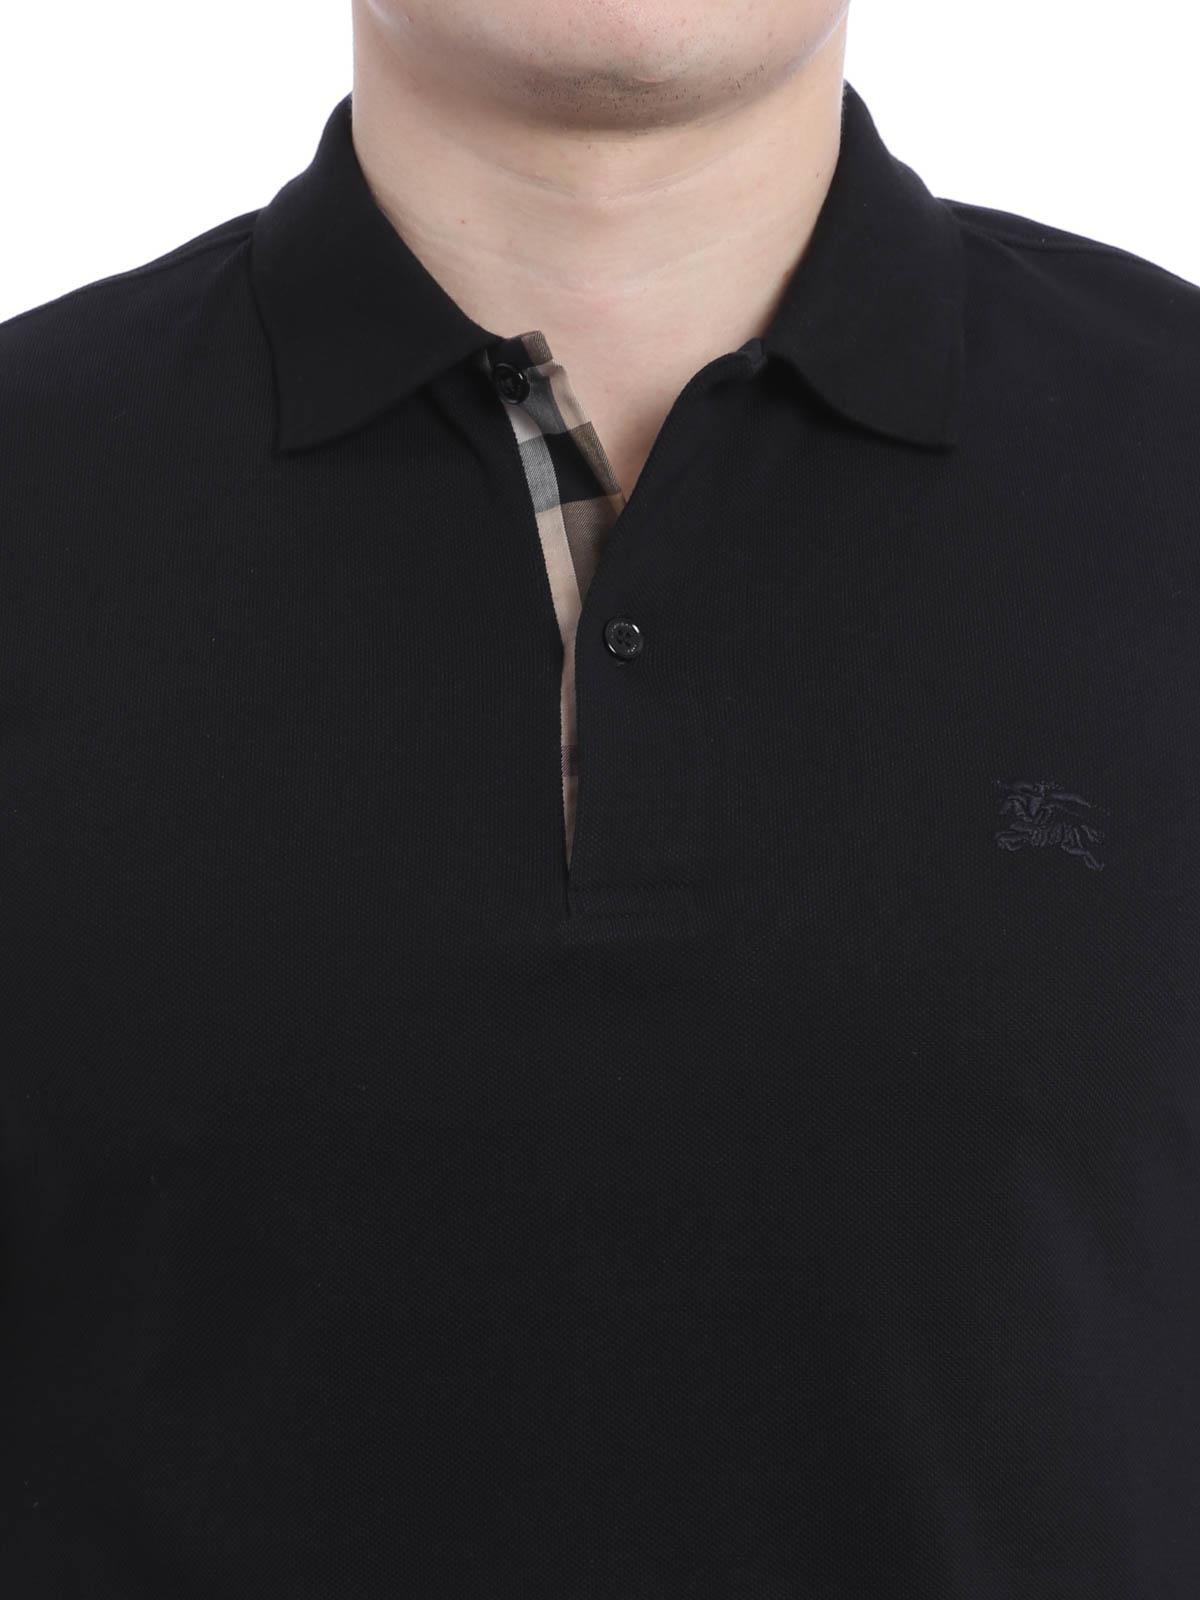 720e1ce9 Burberry - Cotton pique polo shirt - polo shirts - 4010695   iKRIX.com